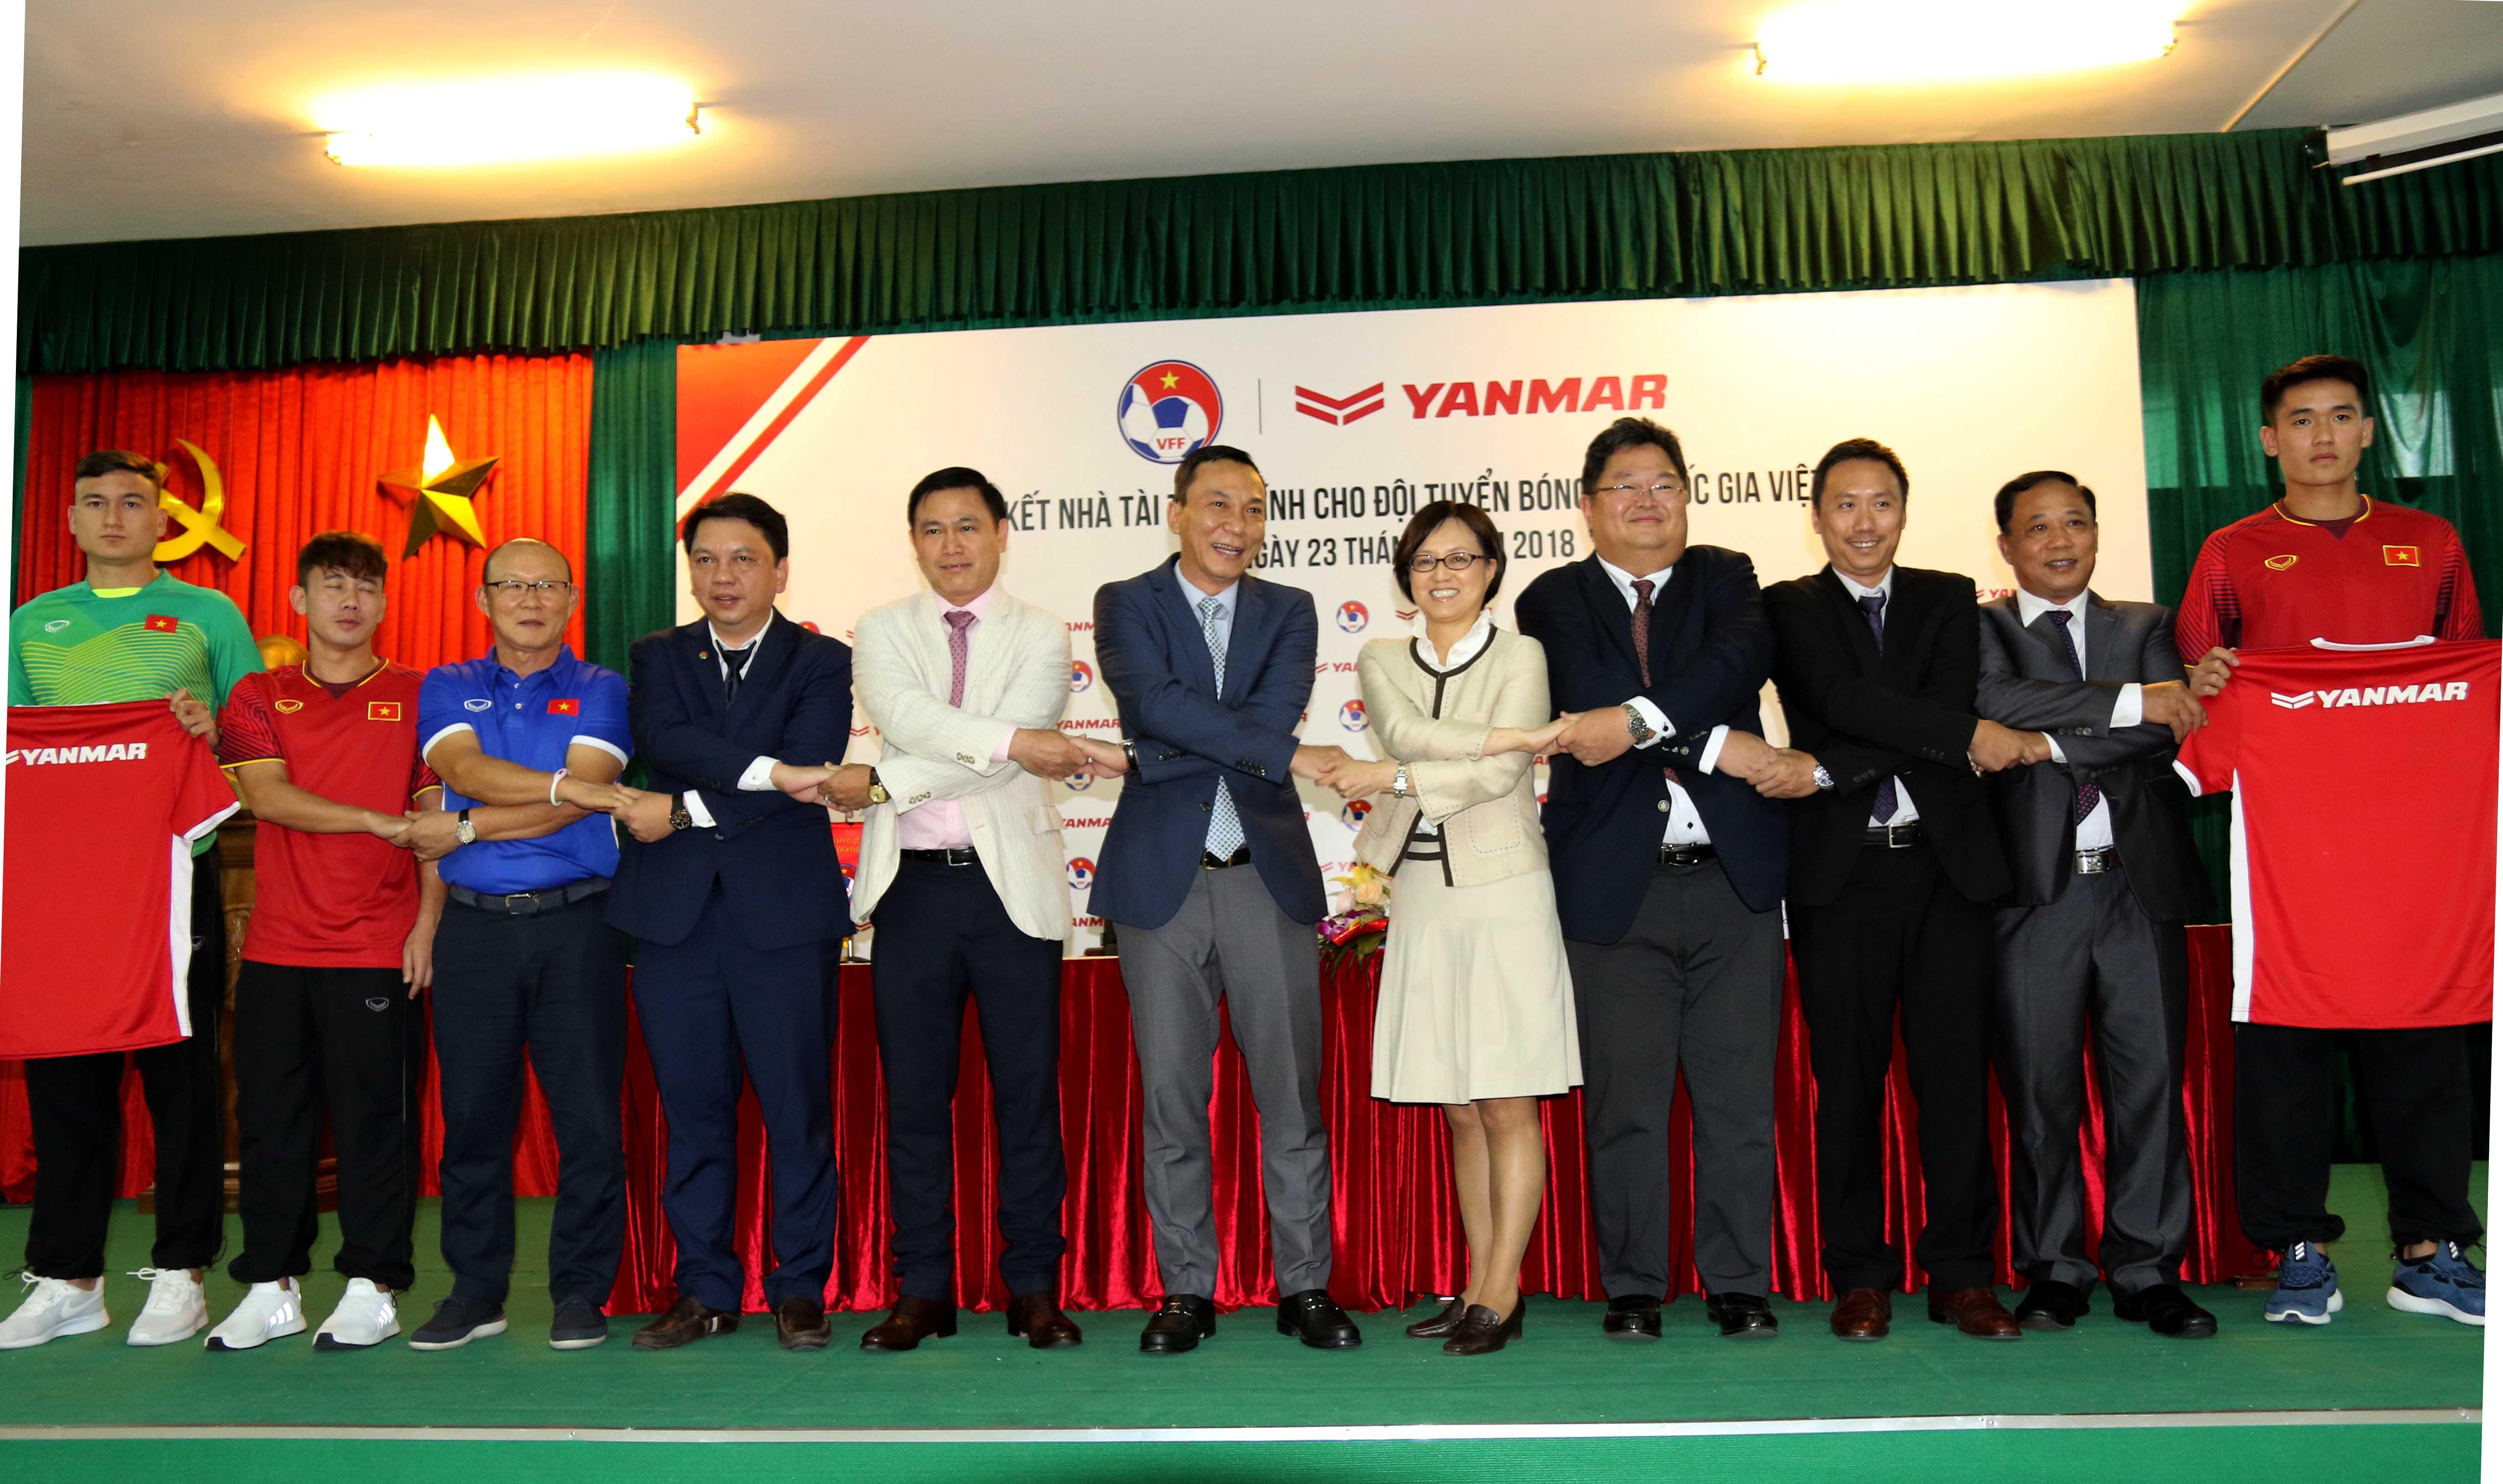 Yanmar tiếp tục là Nhà tài trợ chính của ĐTQG Việt Nam